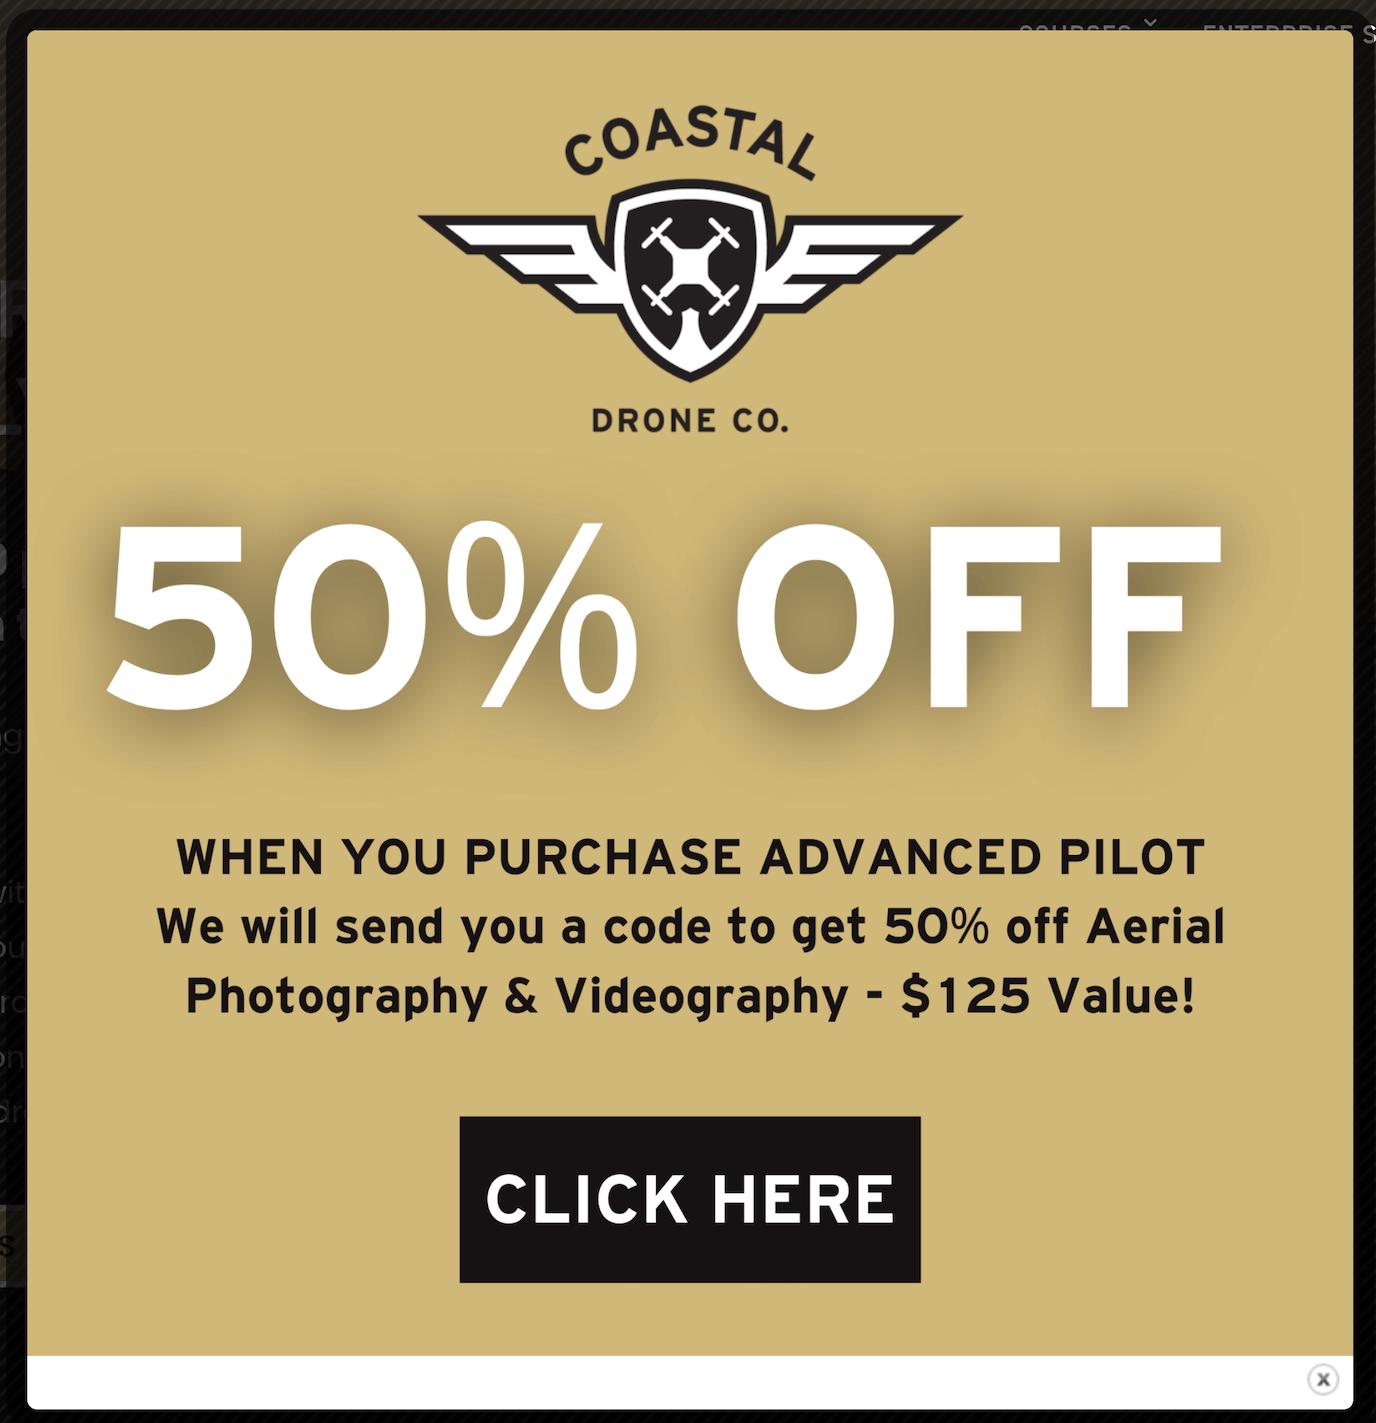 Coastal Drone discount pricing